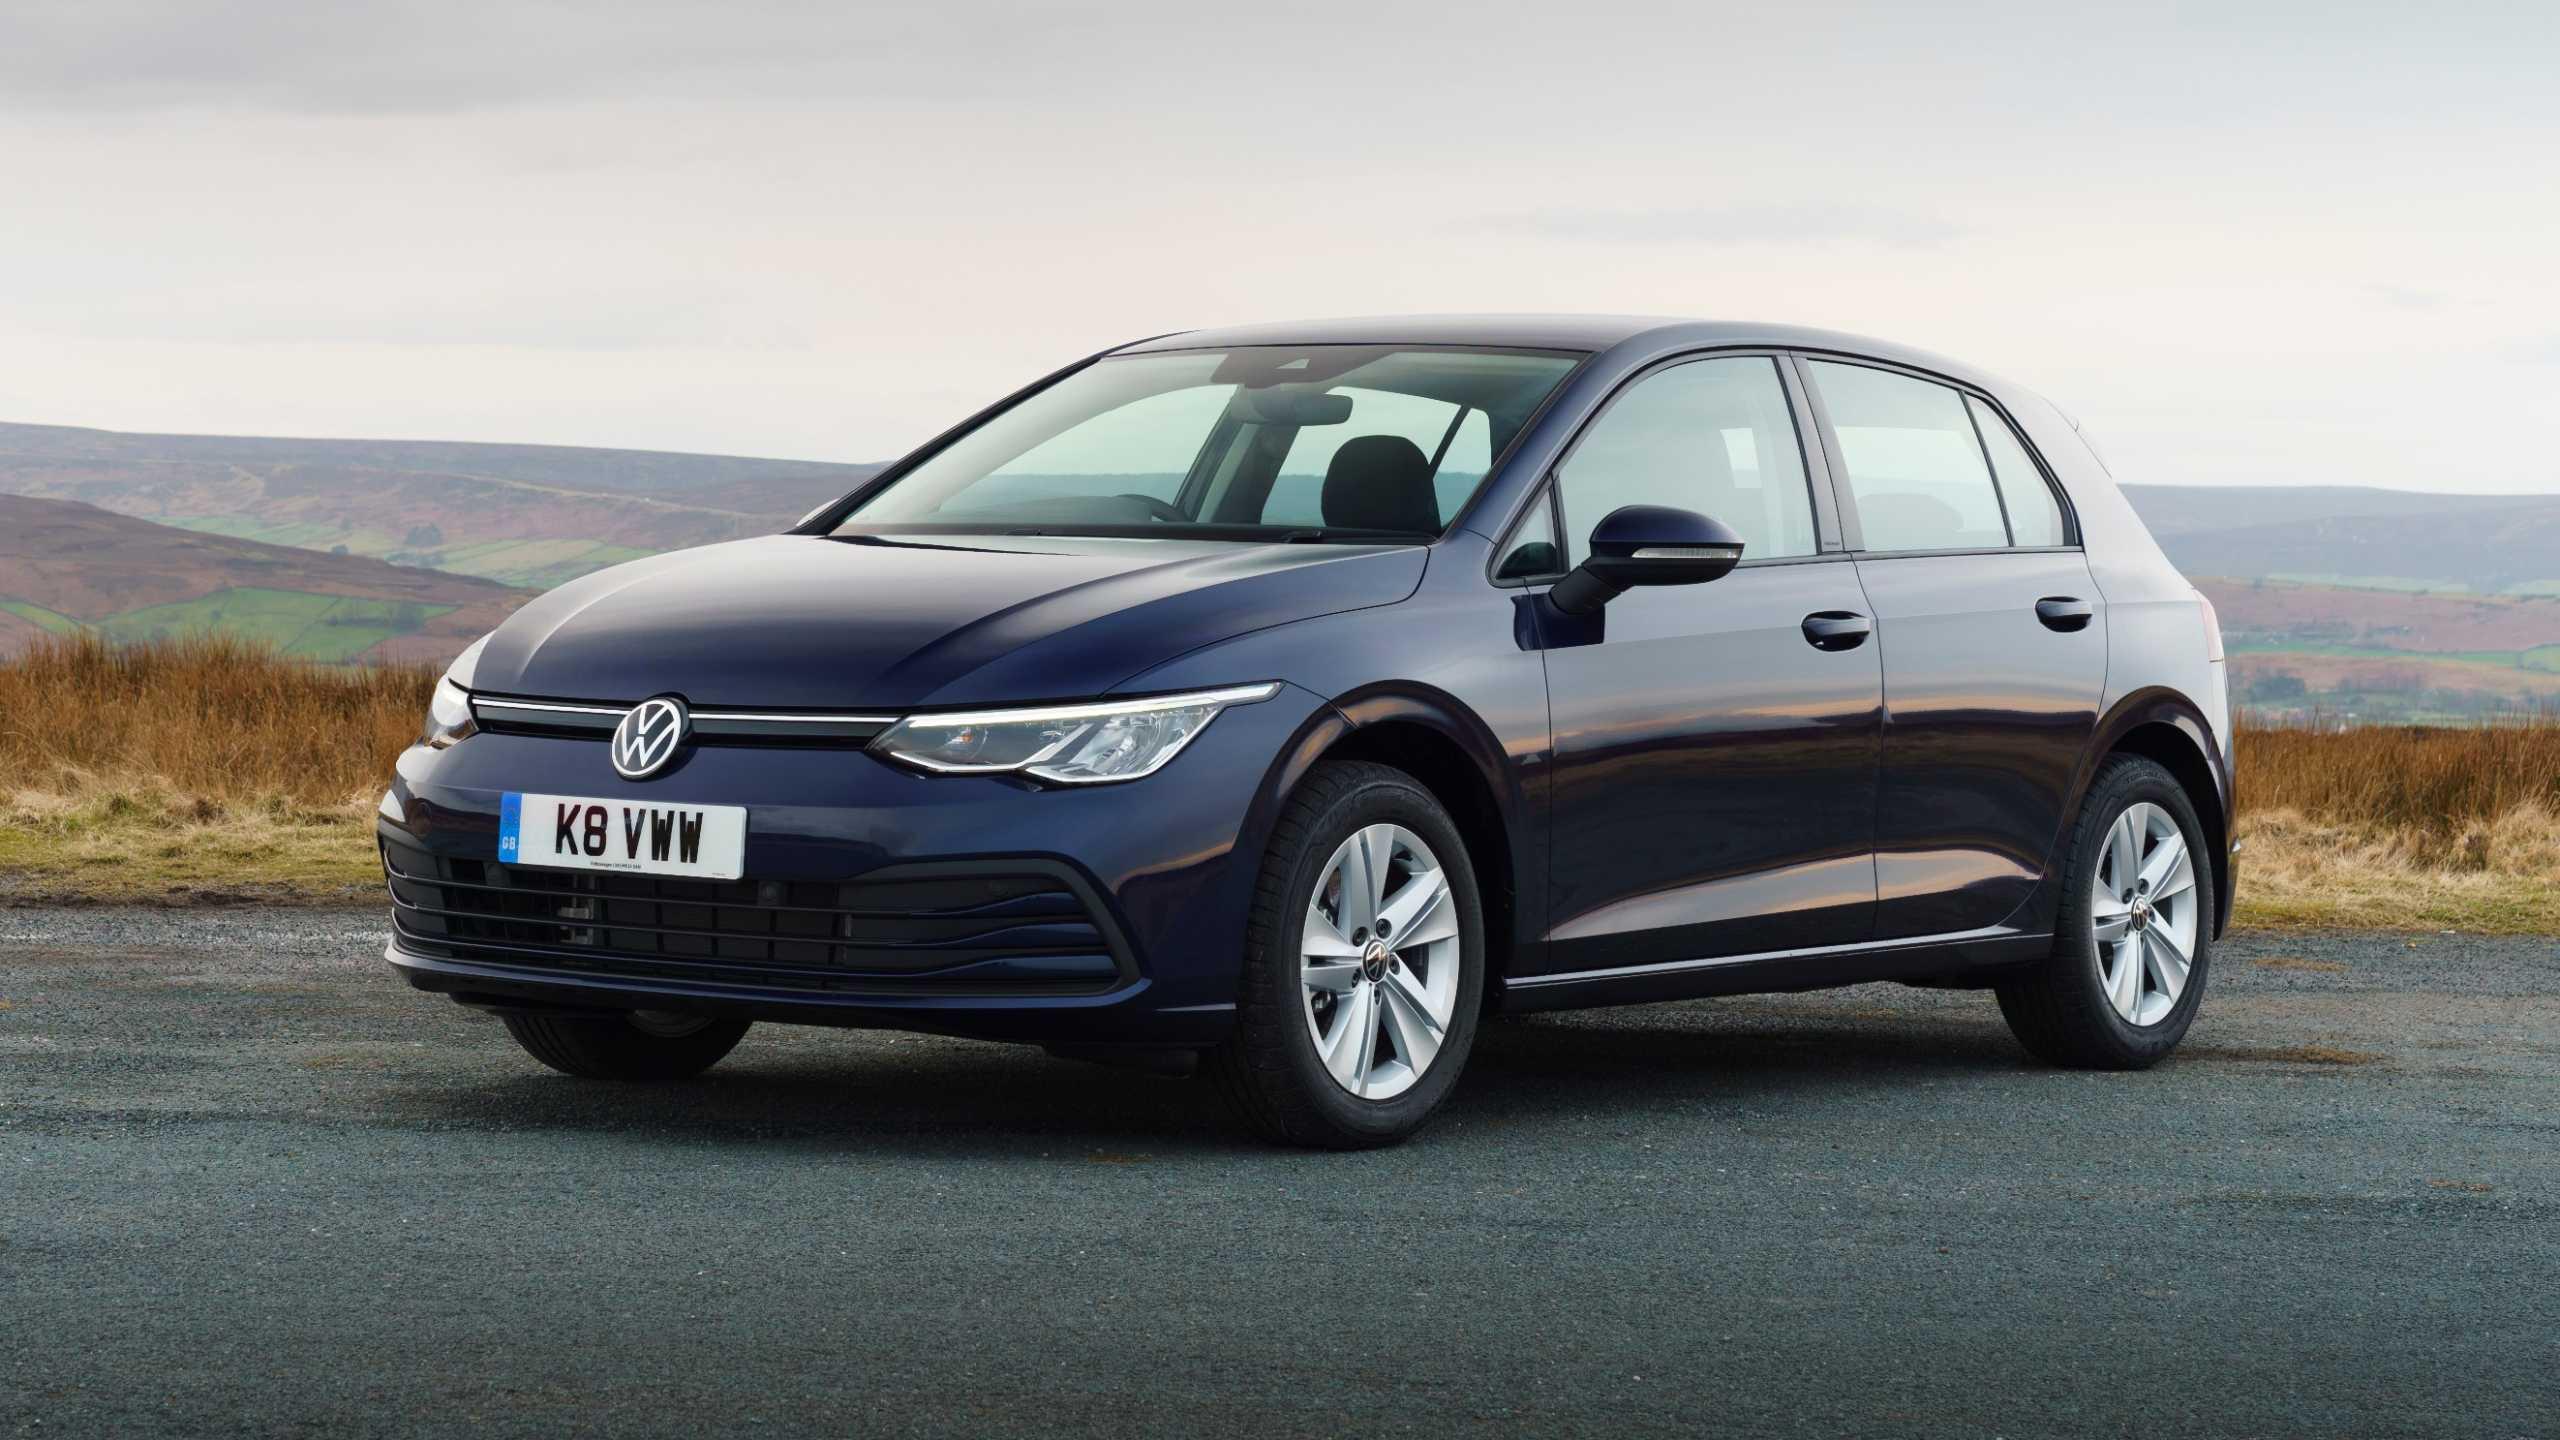 Η Volkswagen ανακαλεί πάνω από 50.000 νέα Golf για προβλήματα στο λογισμικό